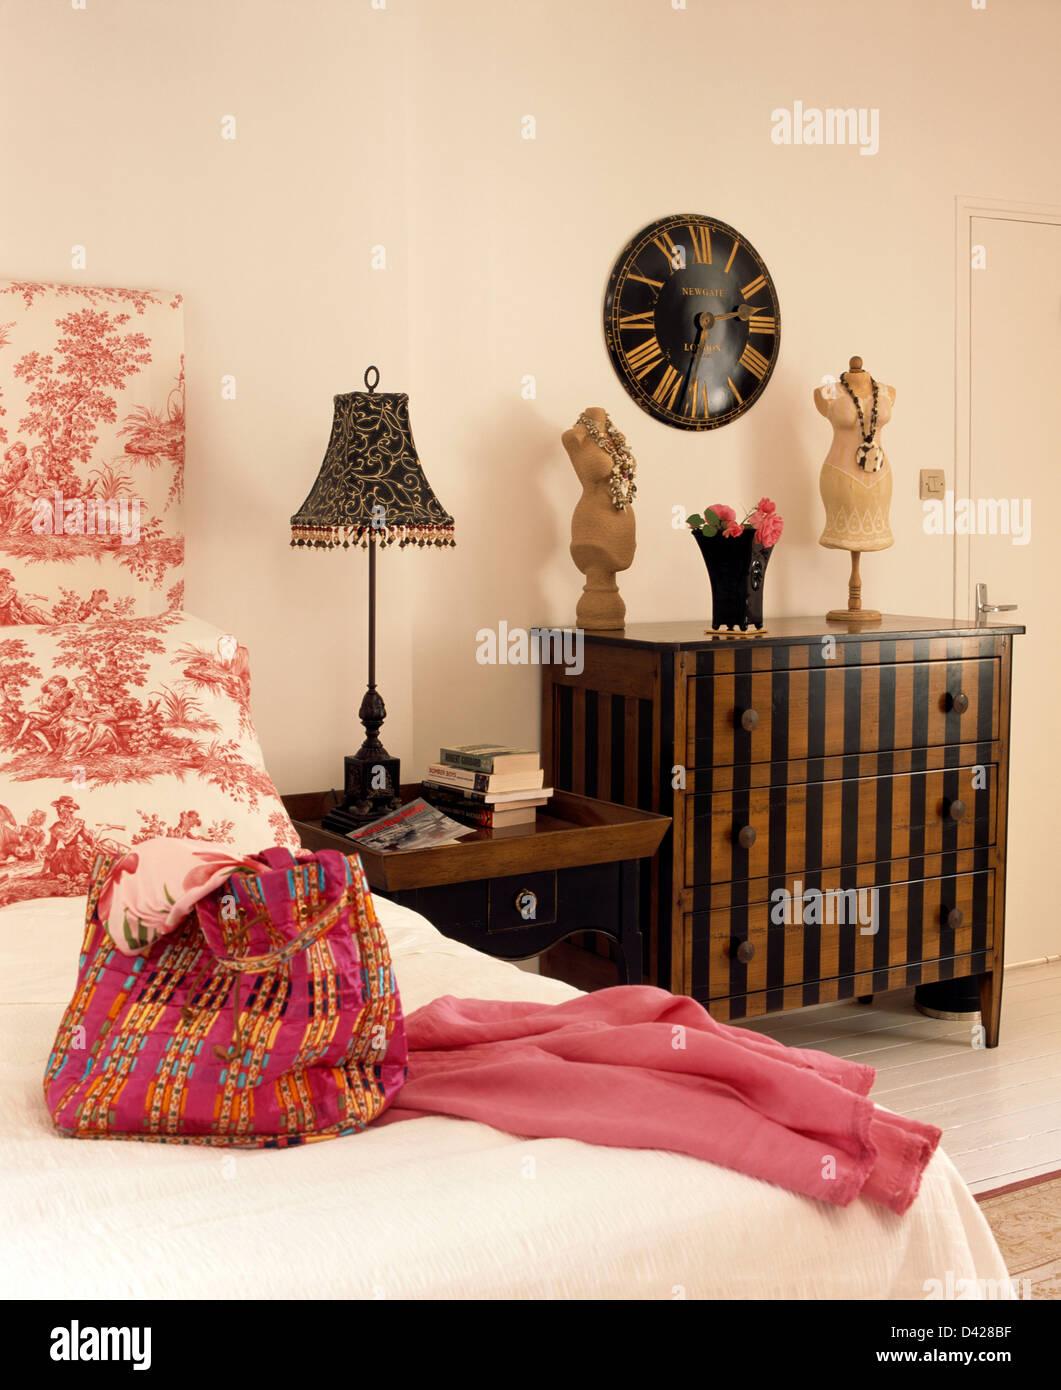 Rosa Gemusterte Tasche Und Jacke Auf Dem Bett Mit Toile De Jouy In  Französischer Landhaus Schlafzimmer Mit Uhr Oben Lackiert Kommode